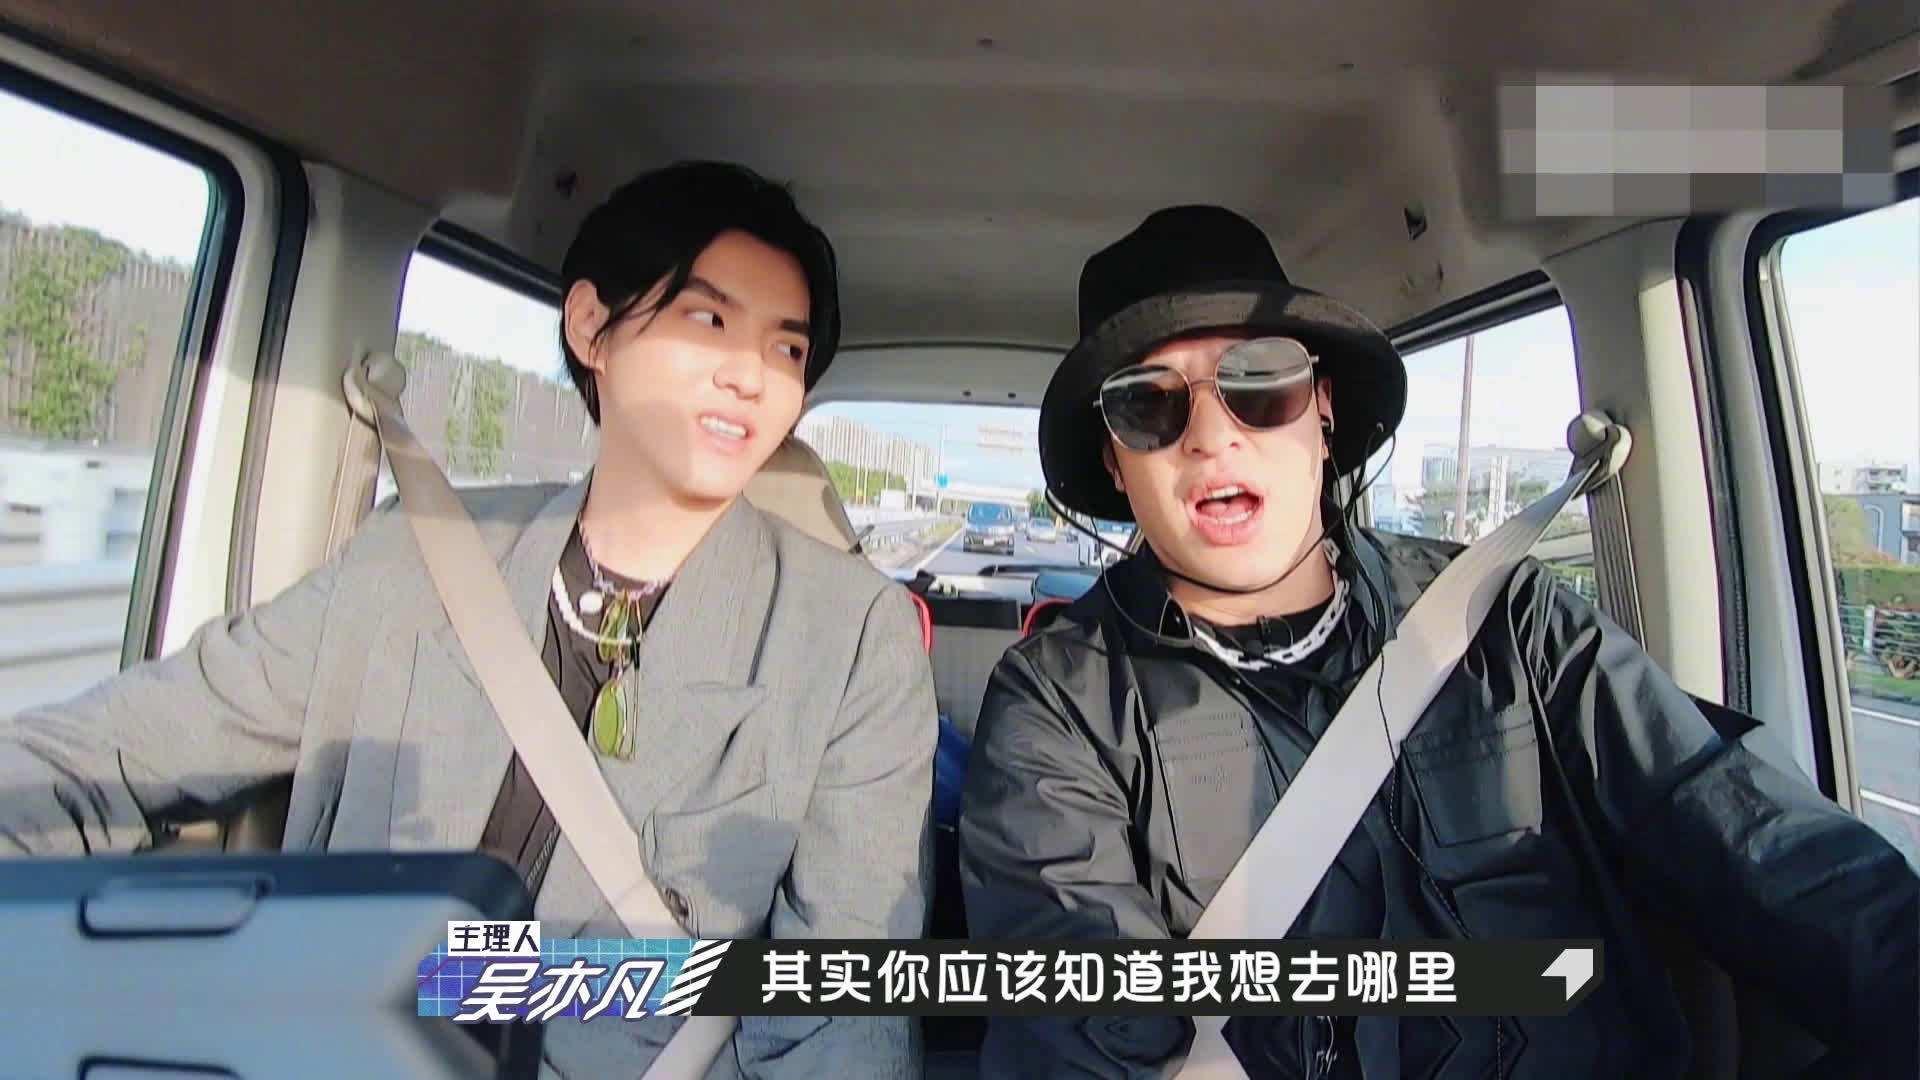 好不容易瘦下来,却因口吐英语在日本录节目被差评,吴亦凡太难了